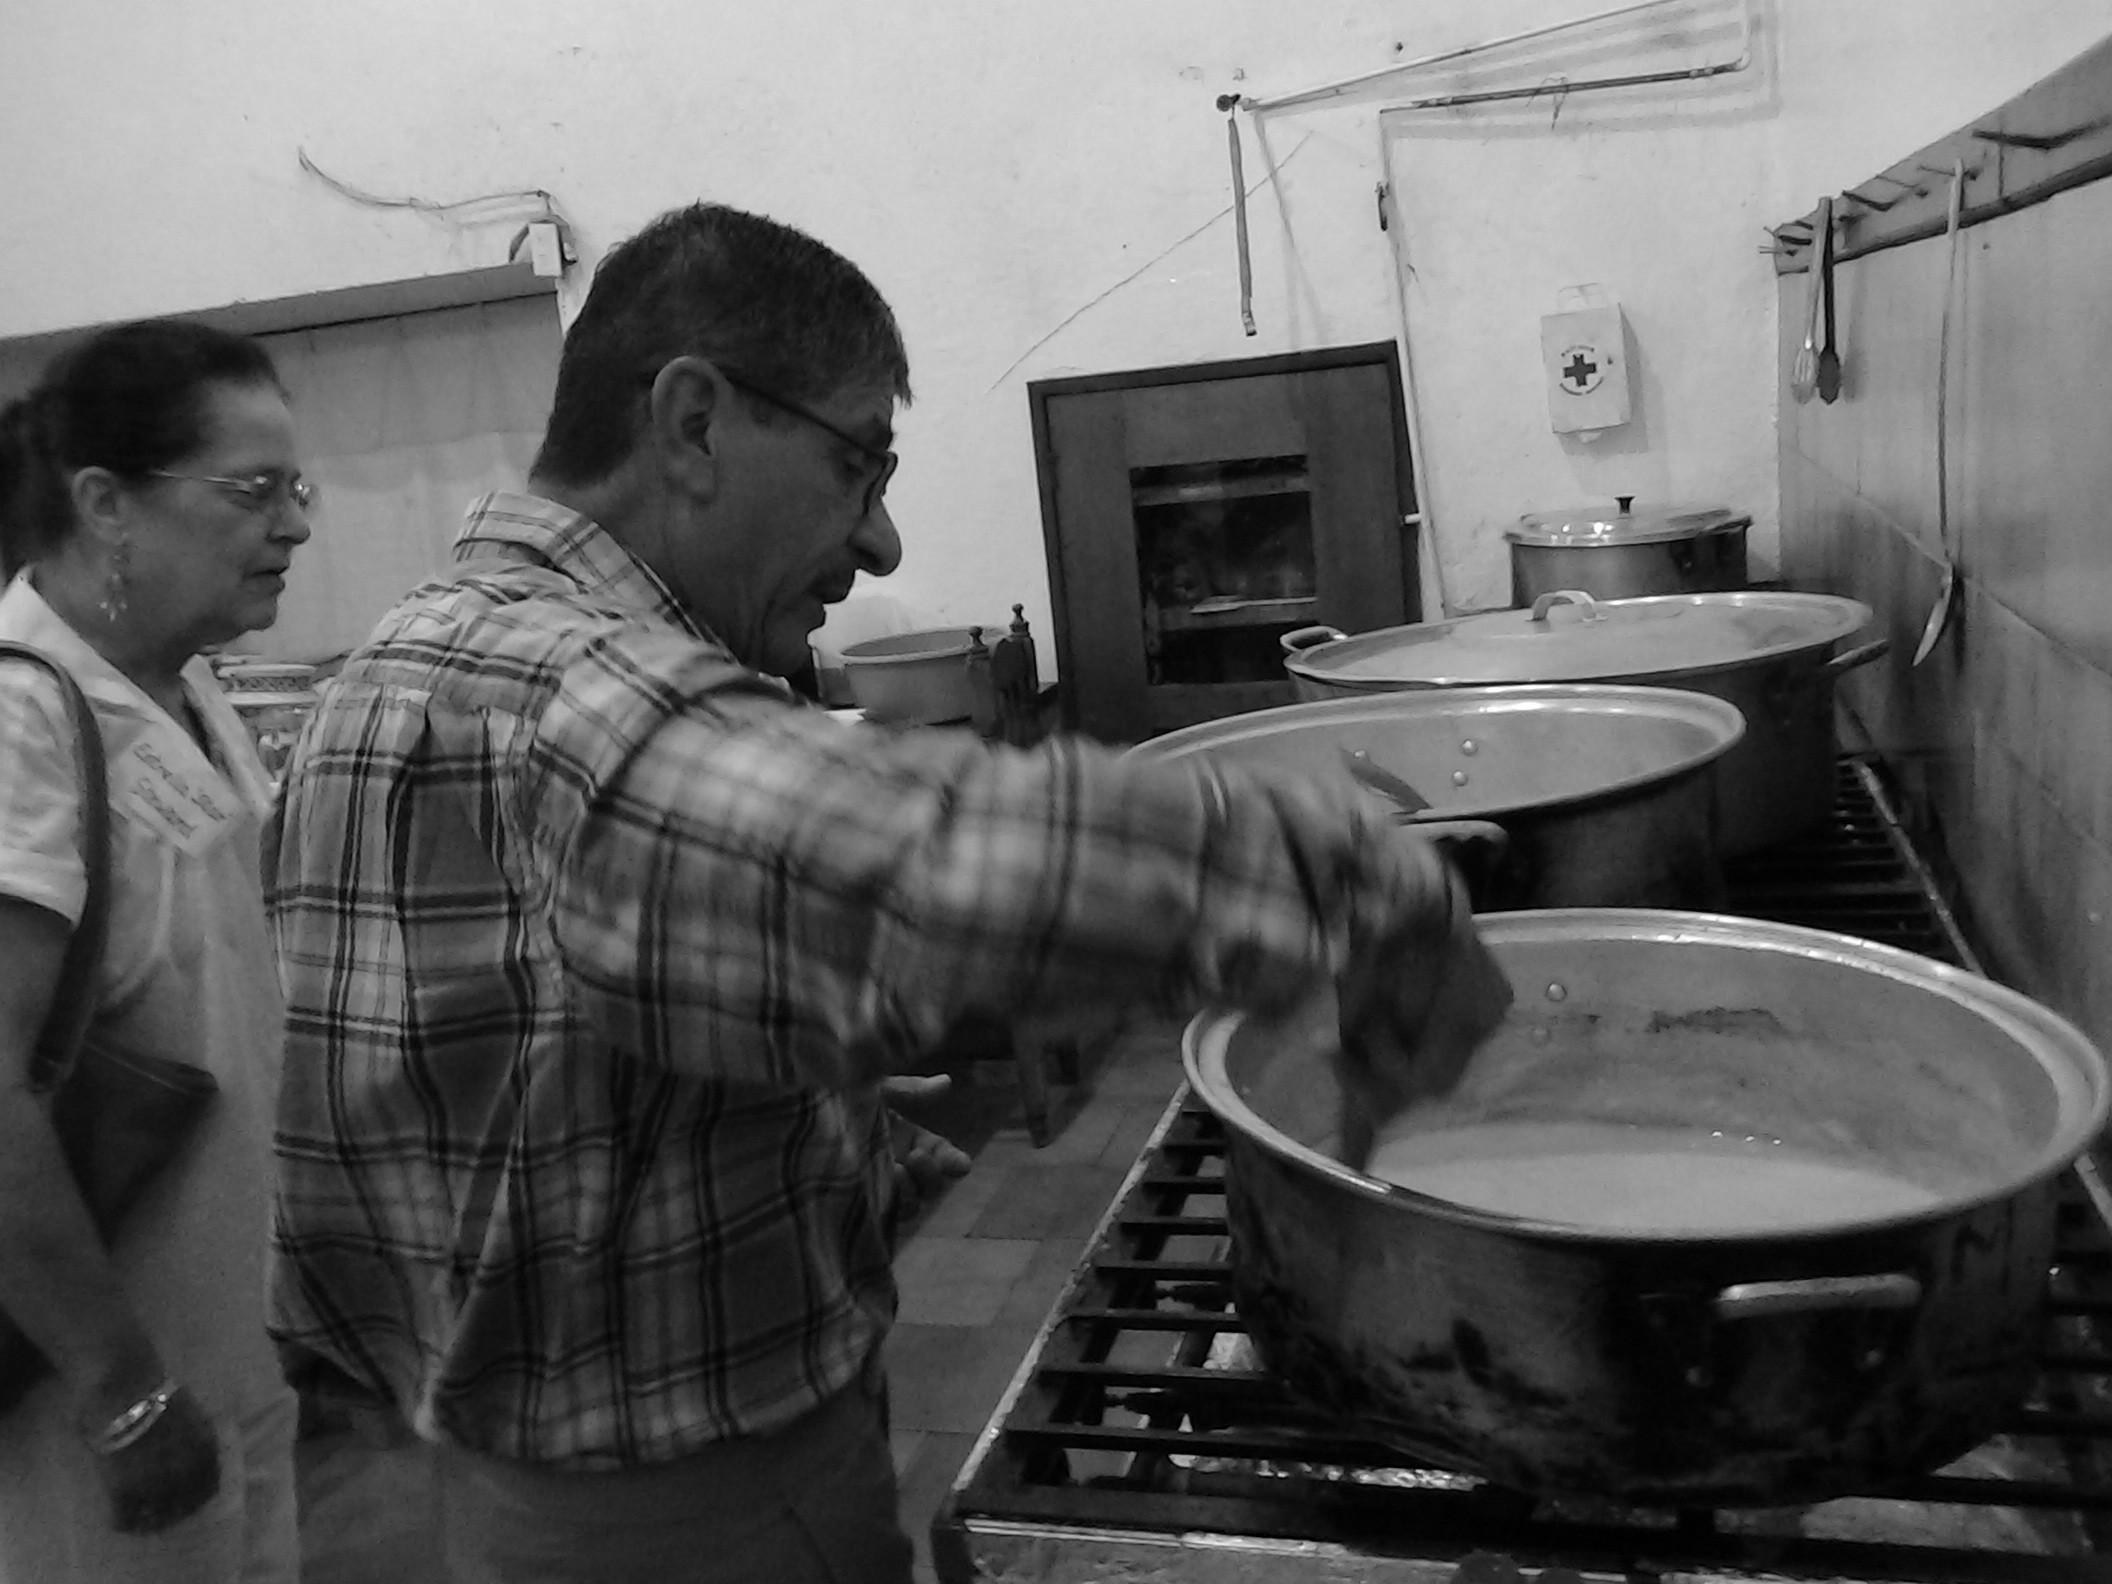 mission team8 in the kitchen_ 6_26.jpg